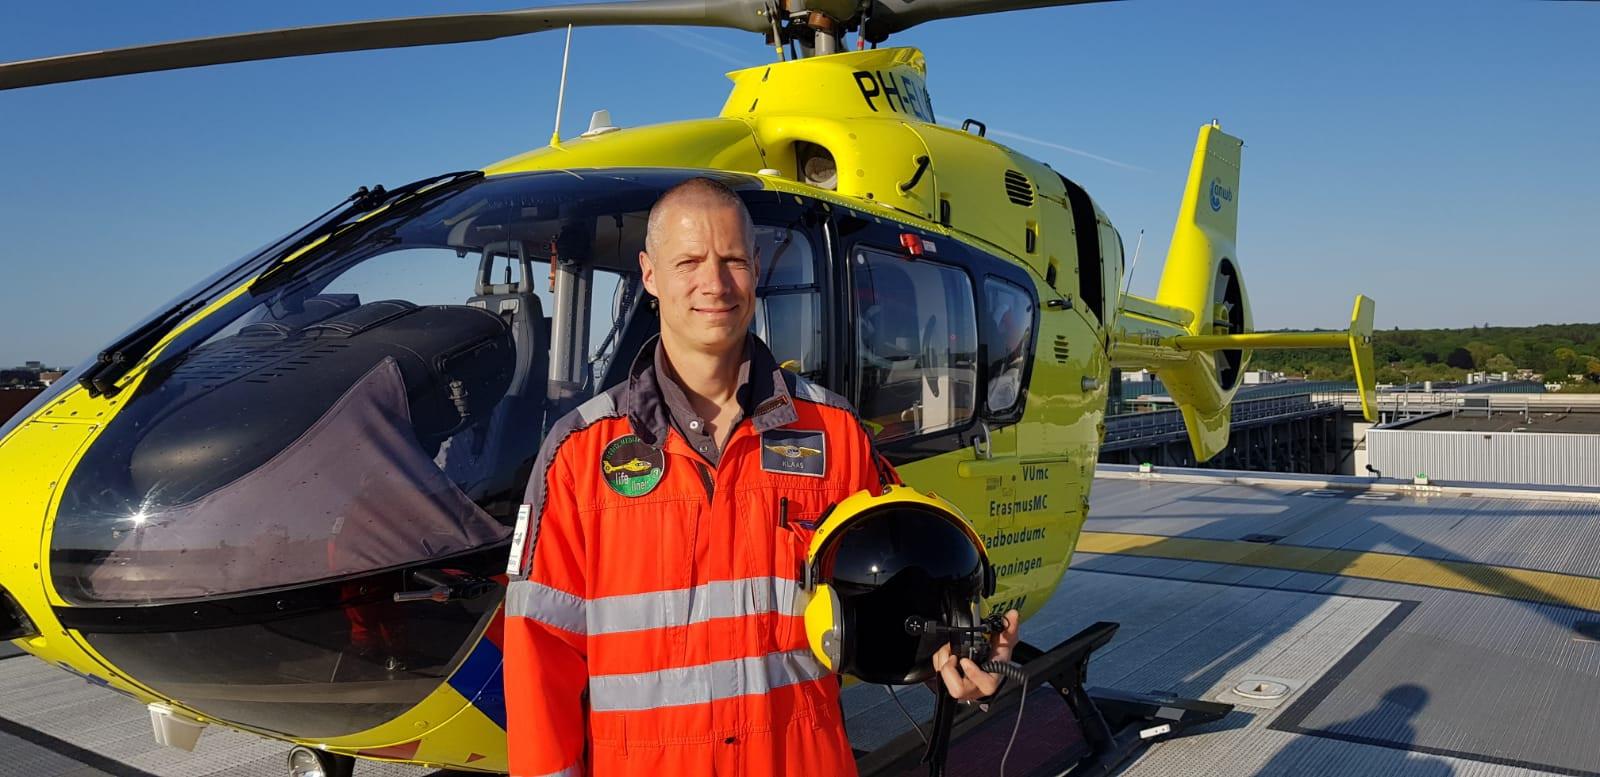 Klaas Trouwborst (40) uit Rijen is een van de meer dan 35 vaste ANWB-piloten op de traumahelikopter.